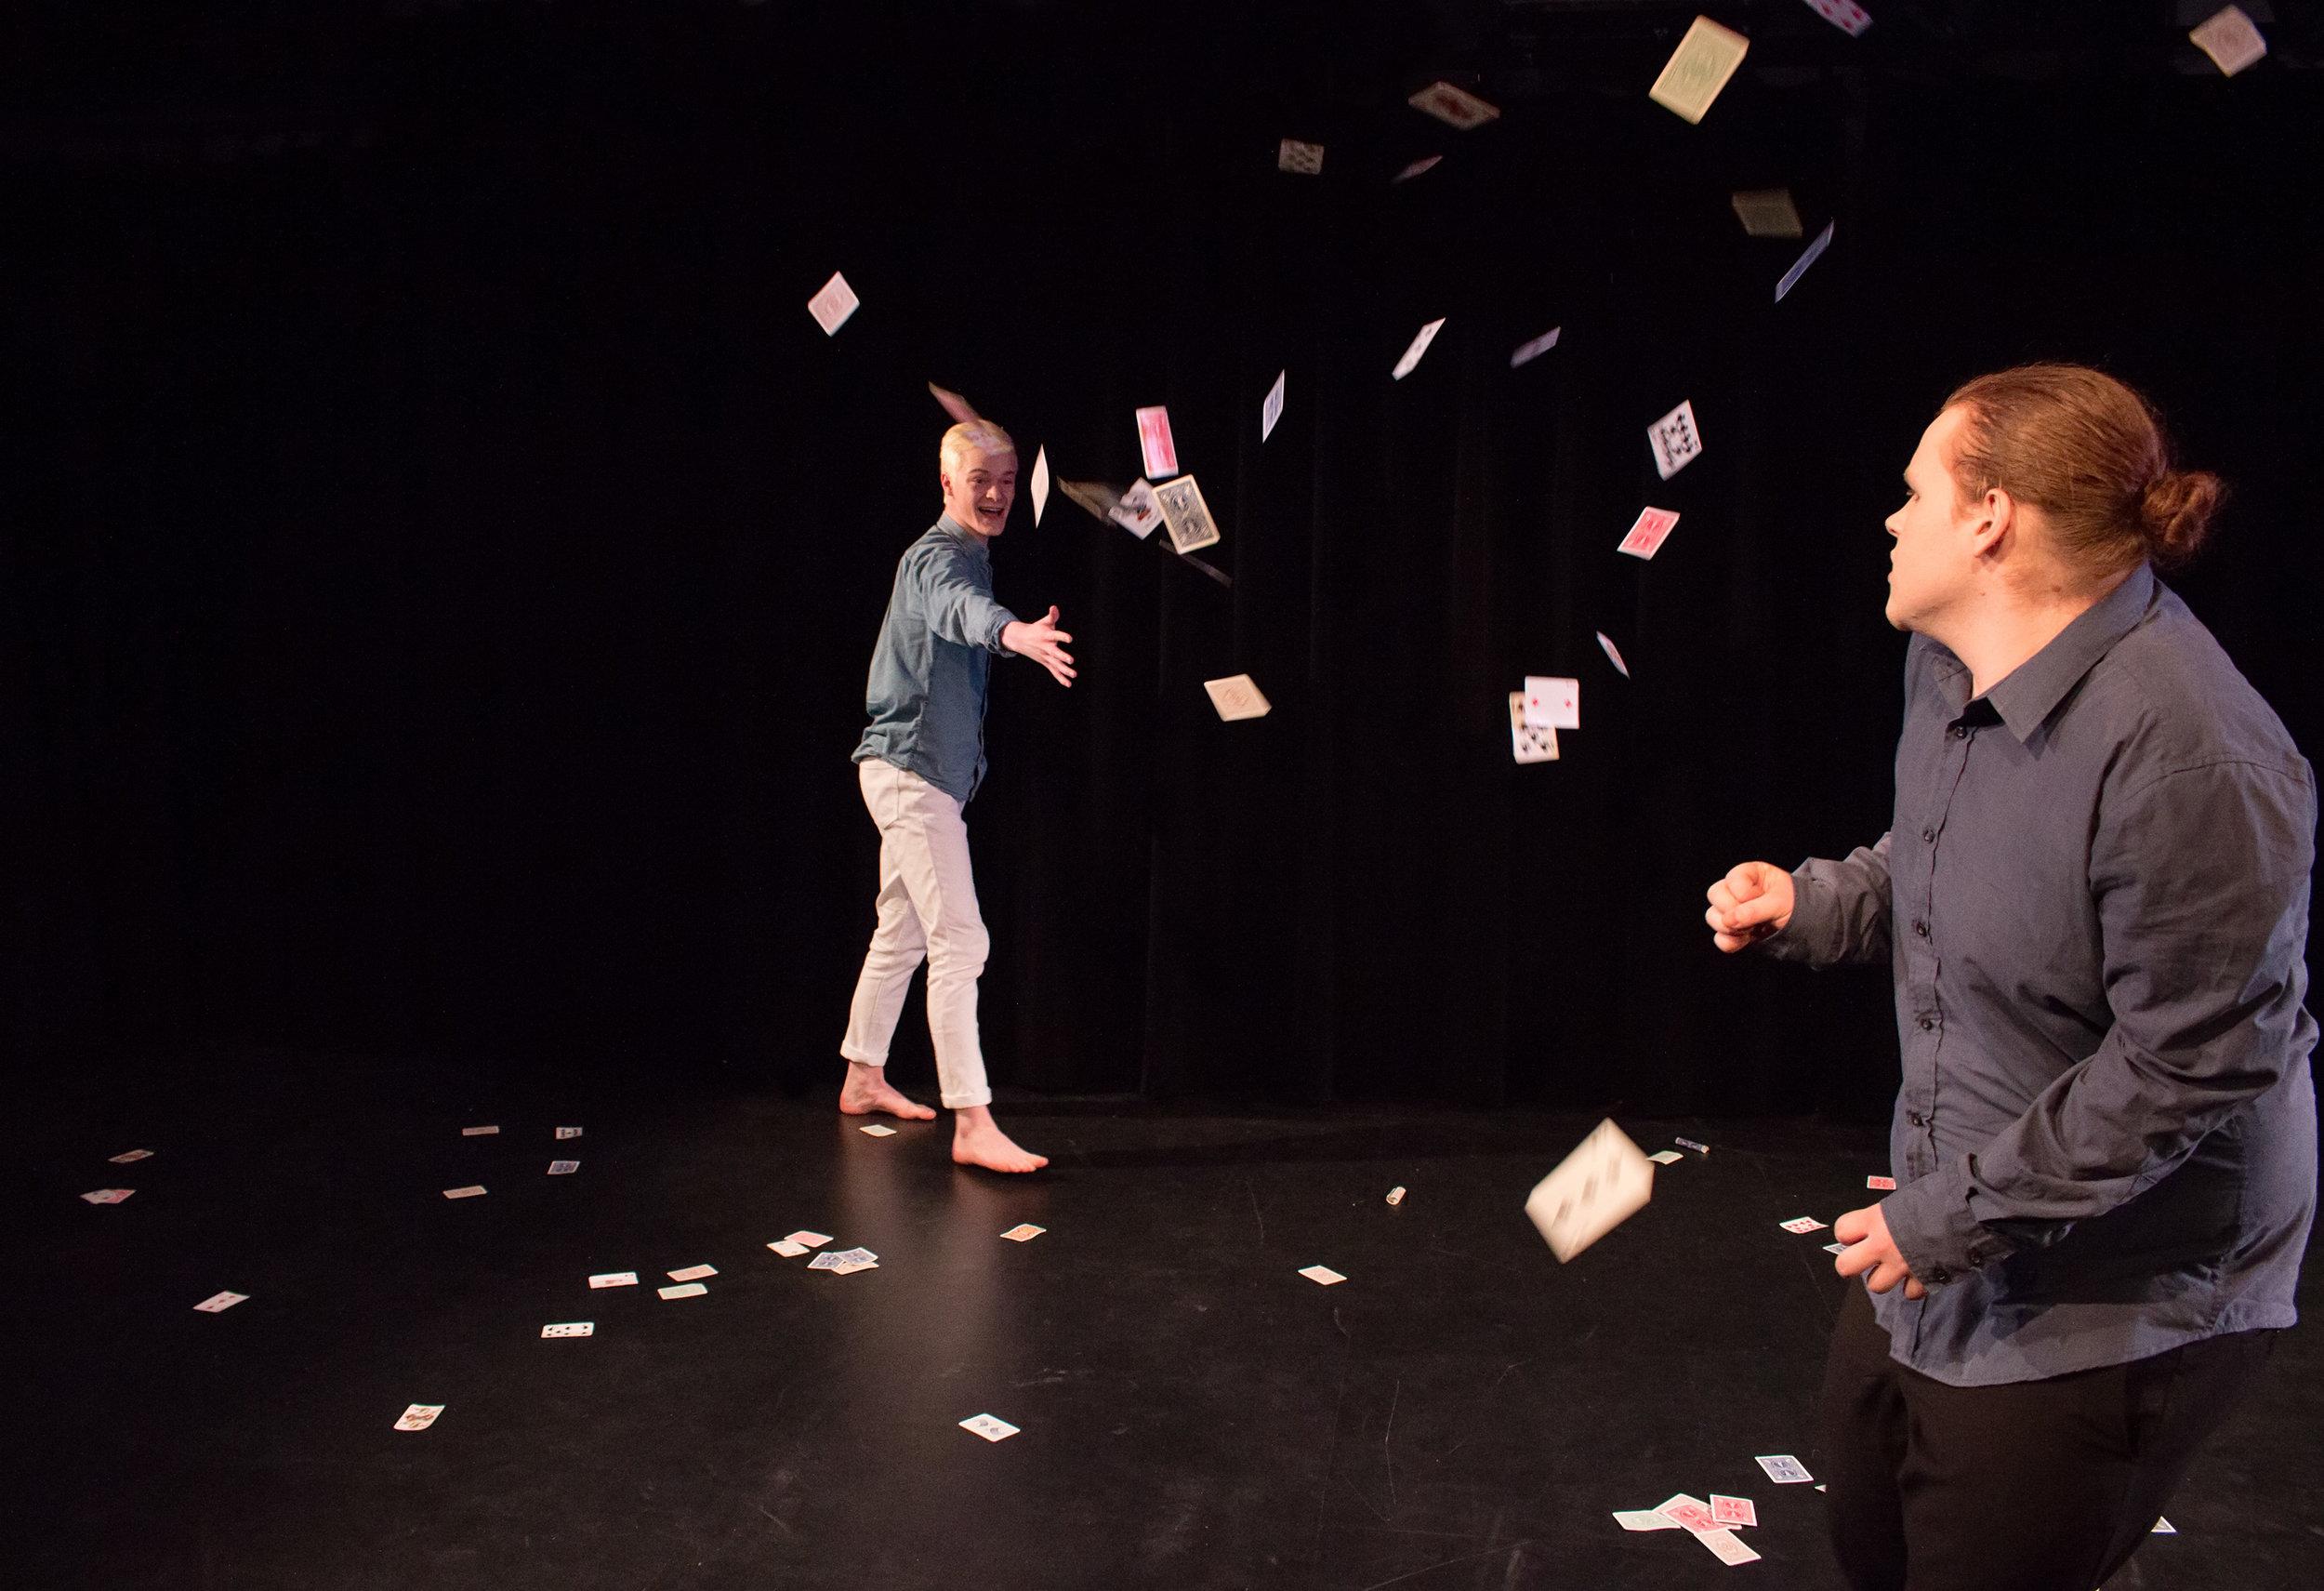 Foto: © Marco Prill und tjg. theater junge generation